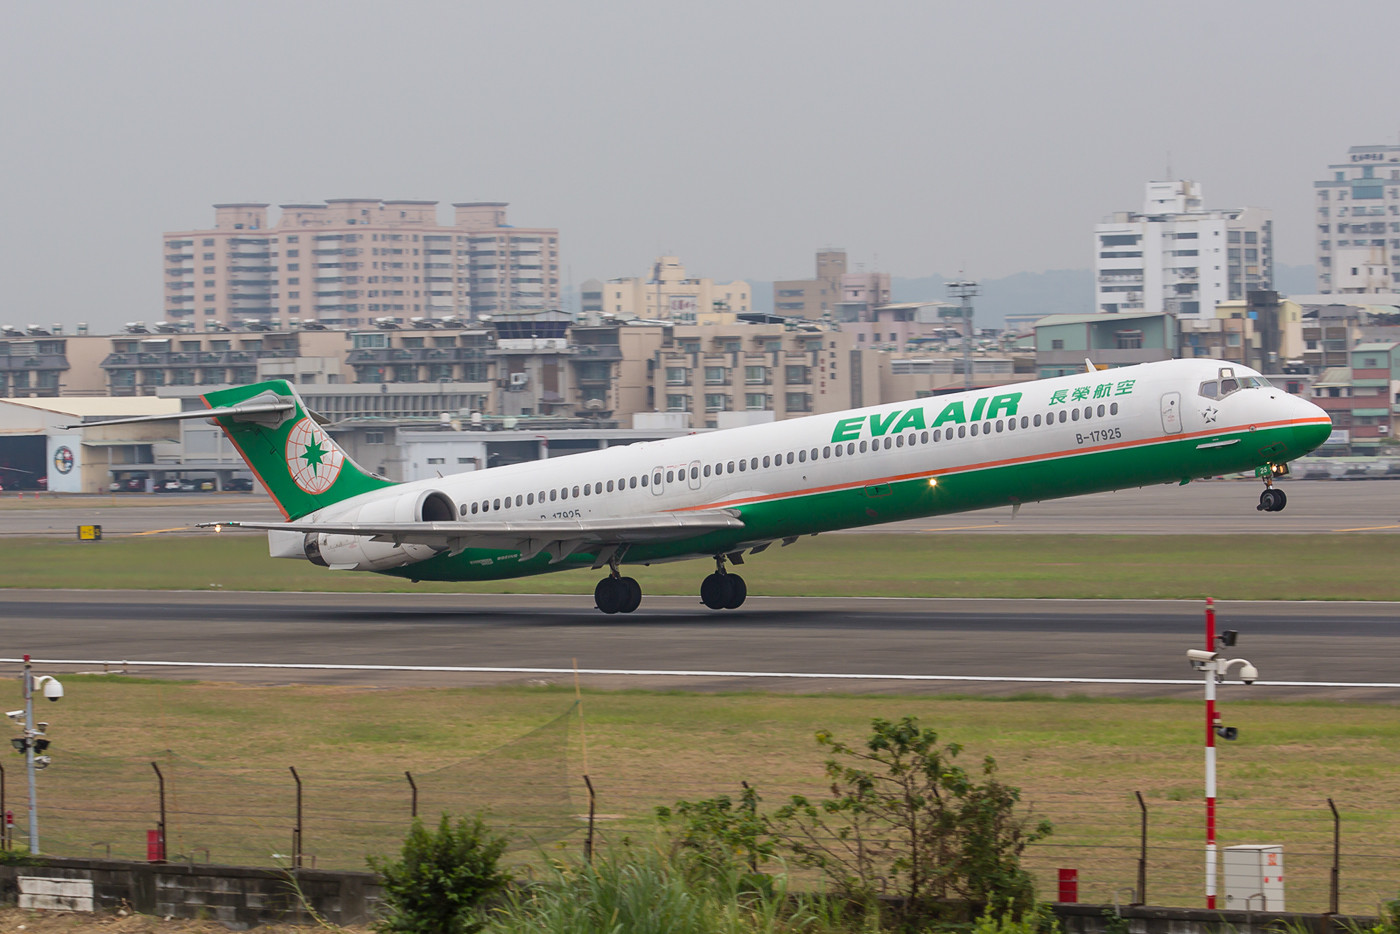 Ihr Schicksal ist bereits beschlossene Sache, im Frühjahr 2016 wird die letzte MD-90 die Flotte von Eva Airways verlassen.